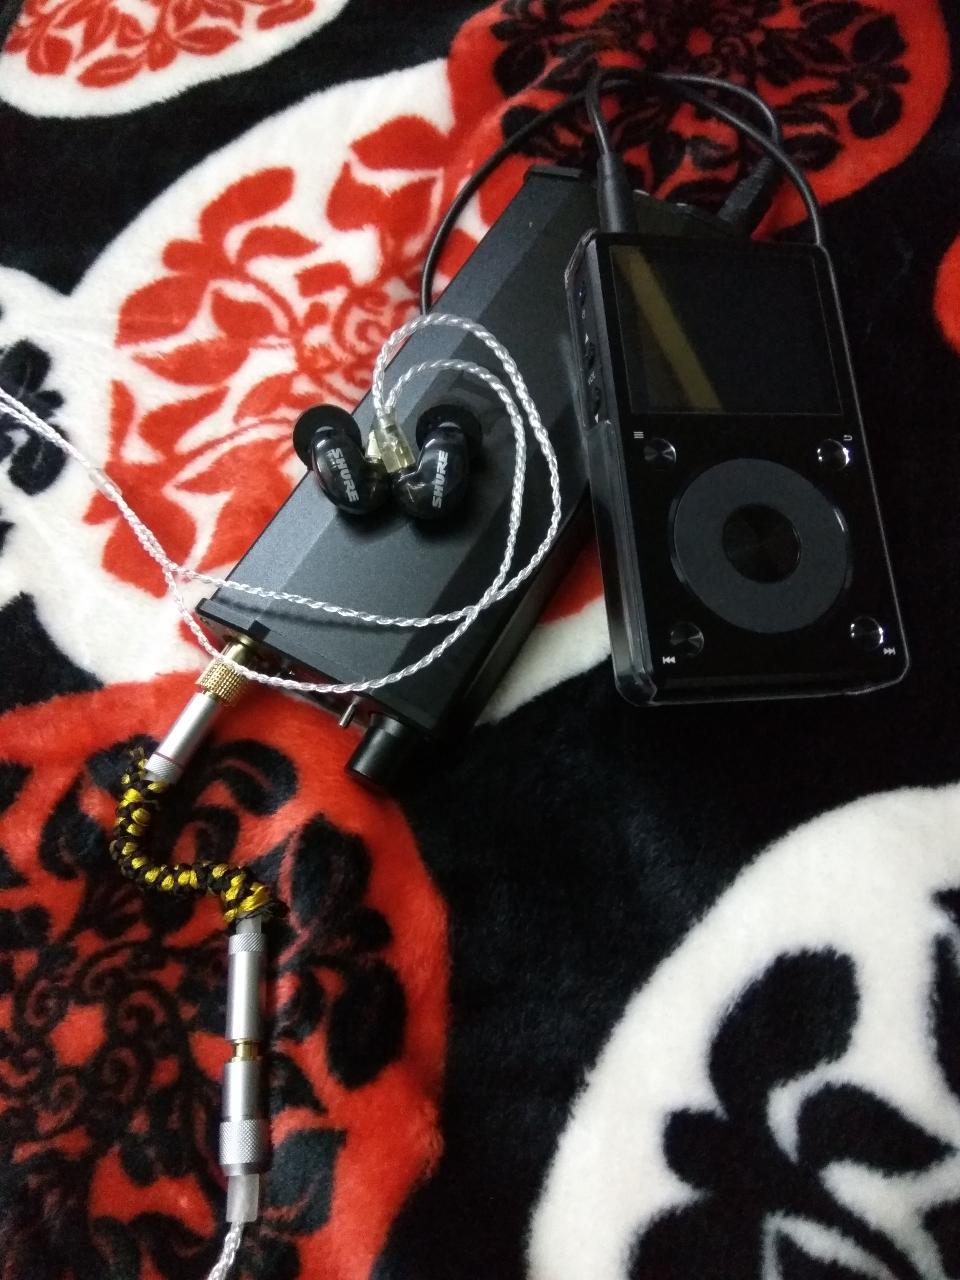 iFi Micro iDSD Black Label, FiiO X5 2nd Gen, Shure SE-215